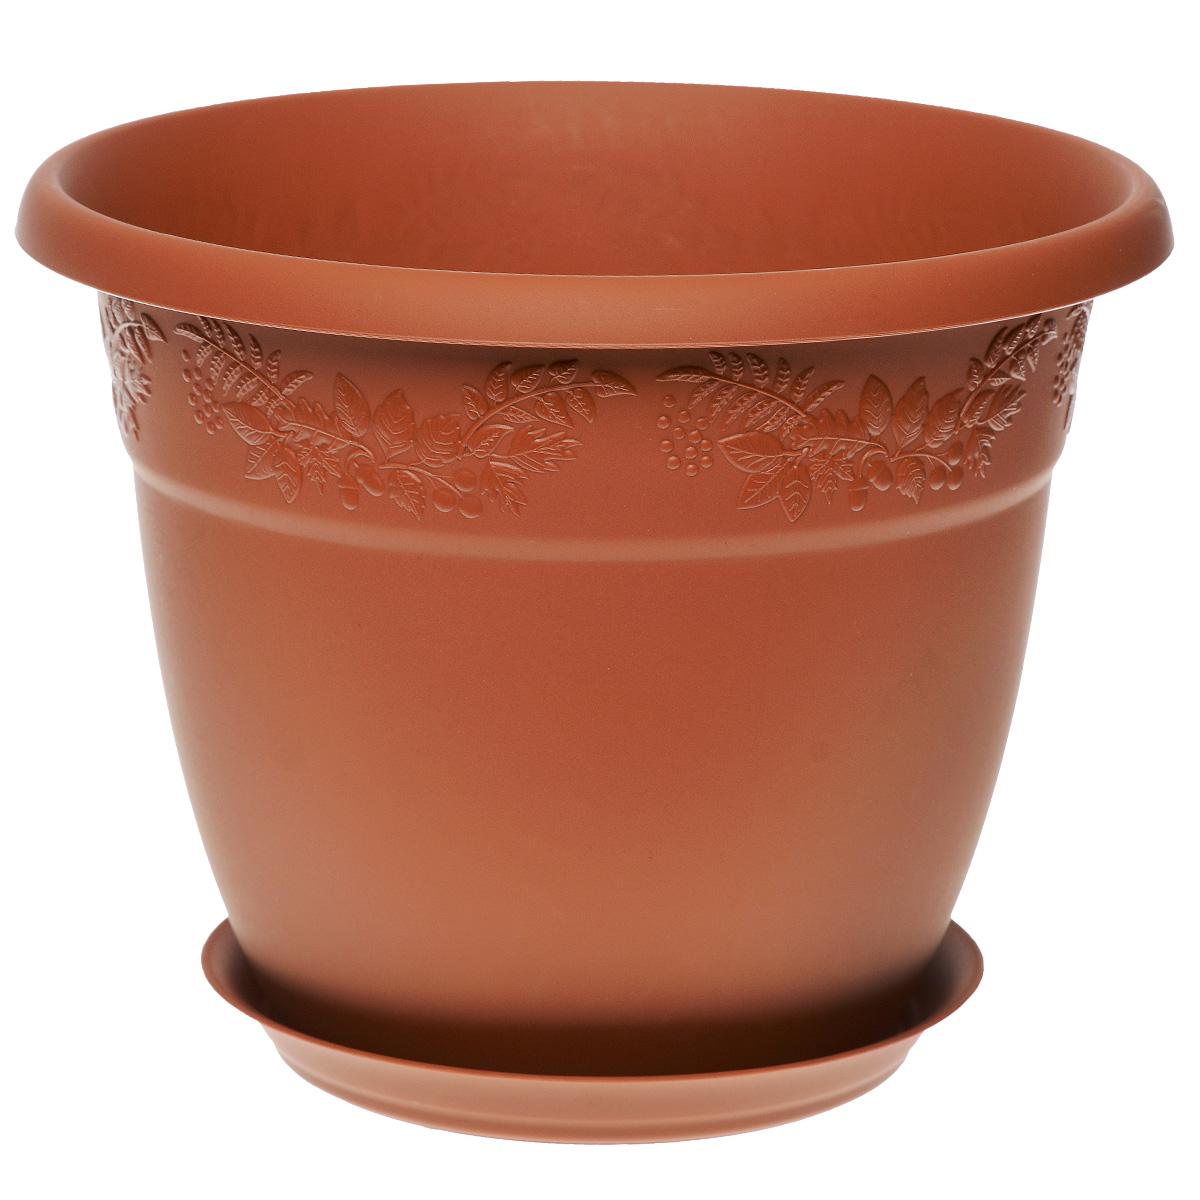 Кашпо Idea Рябина, с поддоном, цвет: терракотовый, 1,4 л1671695Кашпо Idea Рябина изготовлено из высококачественного полипропилена (пластика). Специальный поддон предназначен для стока воды. Изделие прекрасно подходит для выращивания растений и цветов в домашних условиях. Лаконичный дизайн впишется в интерьер любого помещения. Диаметр поддона: 11 см. Объем кашпо: 1,4 л.Диаметр кашпо по верхнему краю: 16 см.Высота кашпо: 12,5 см.